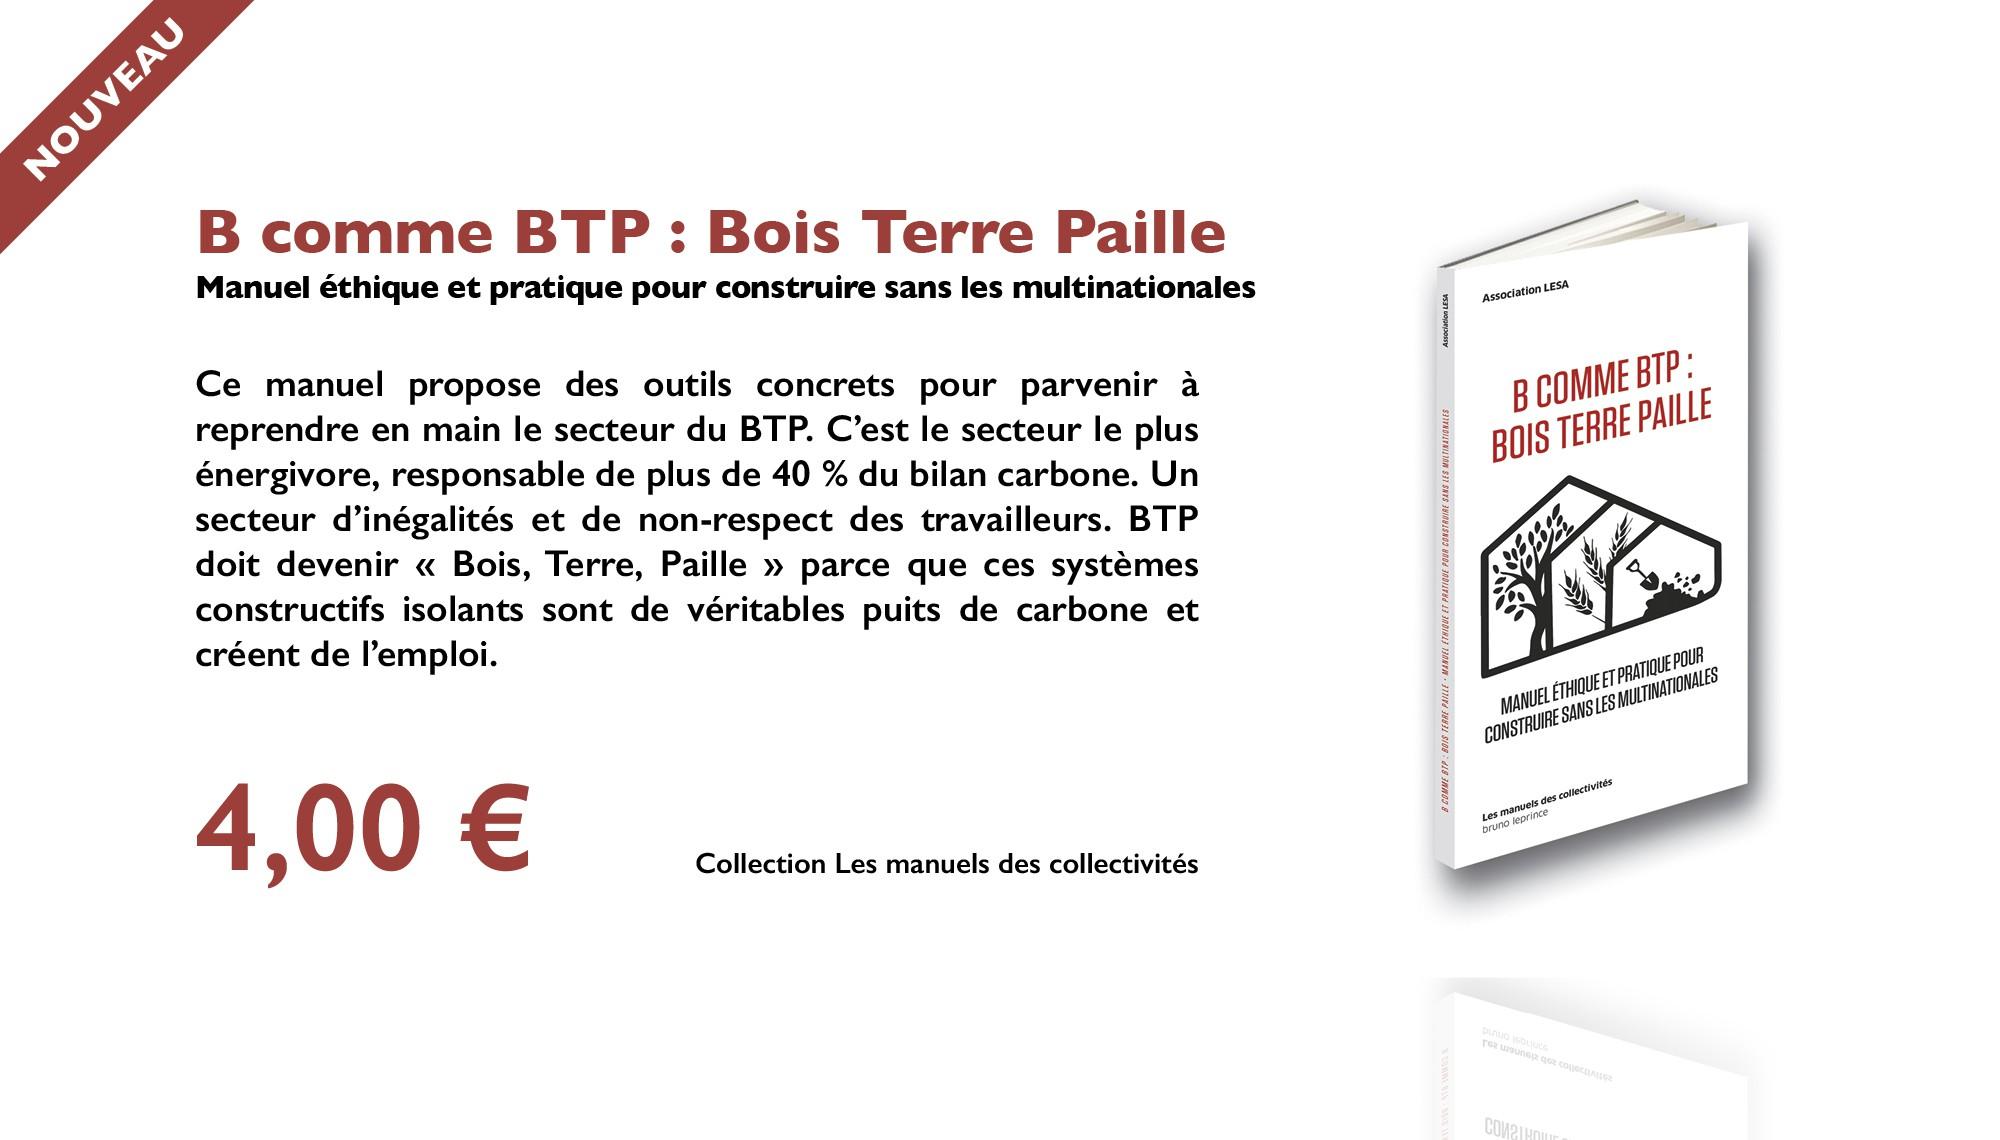 B comme BTP : Bois Terre Paille